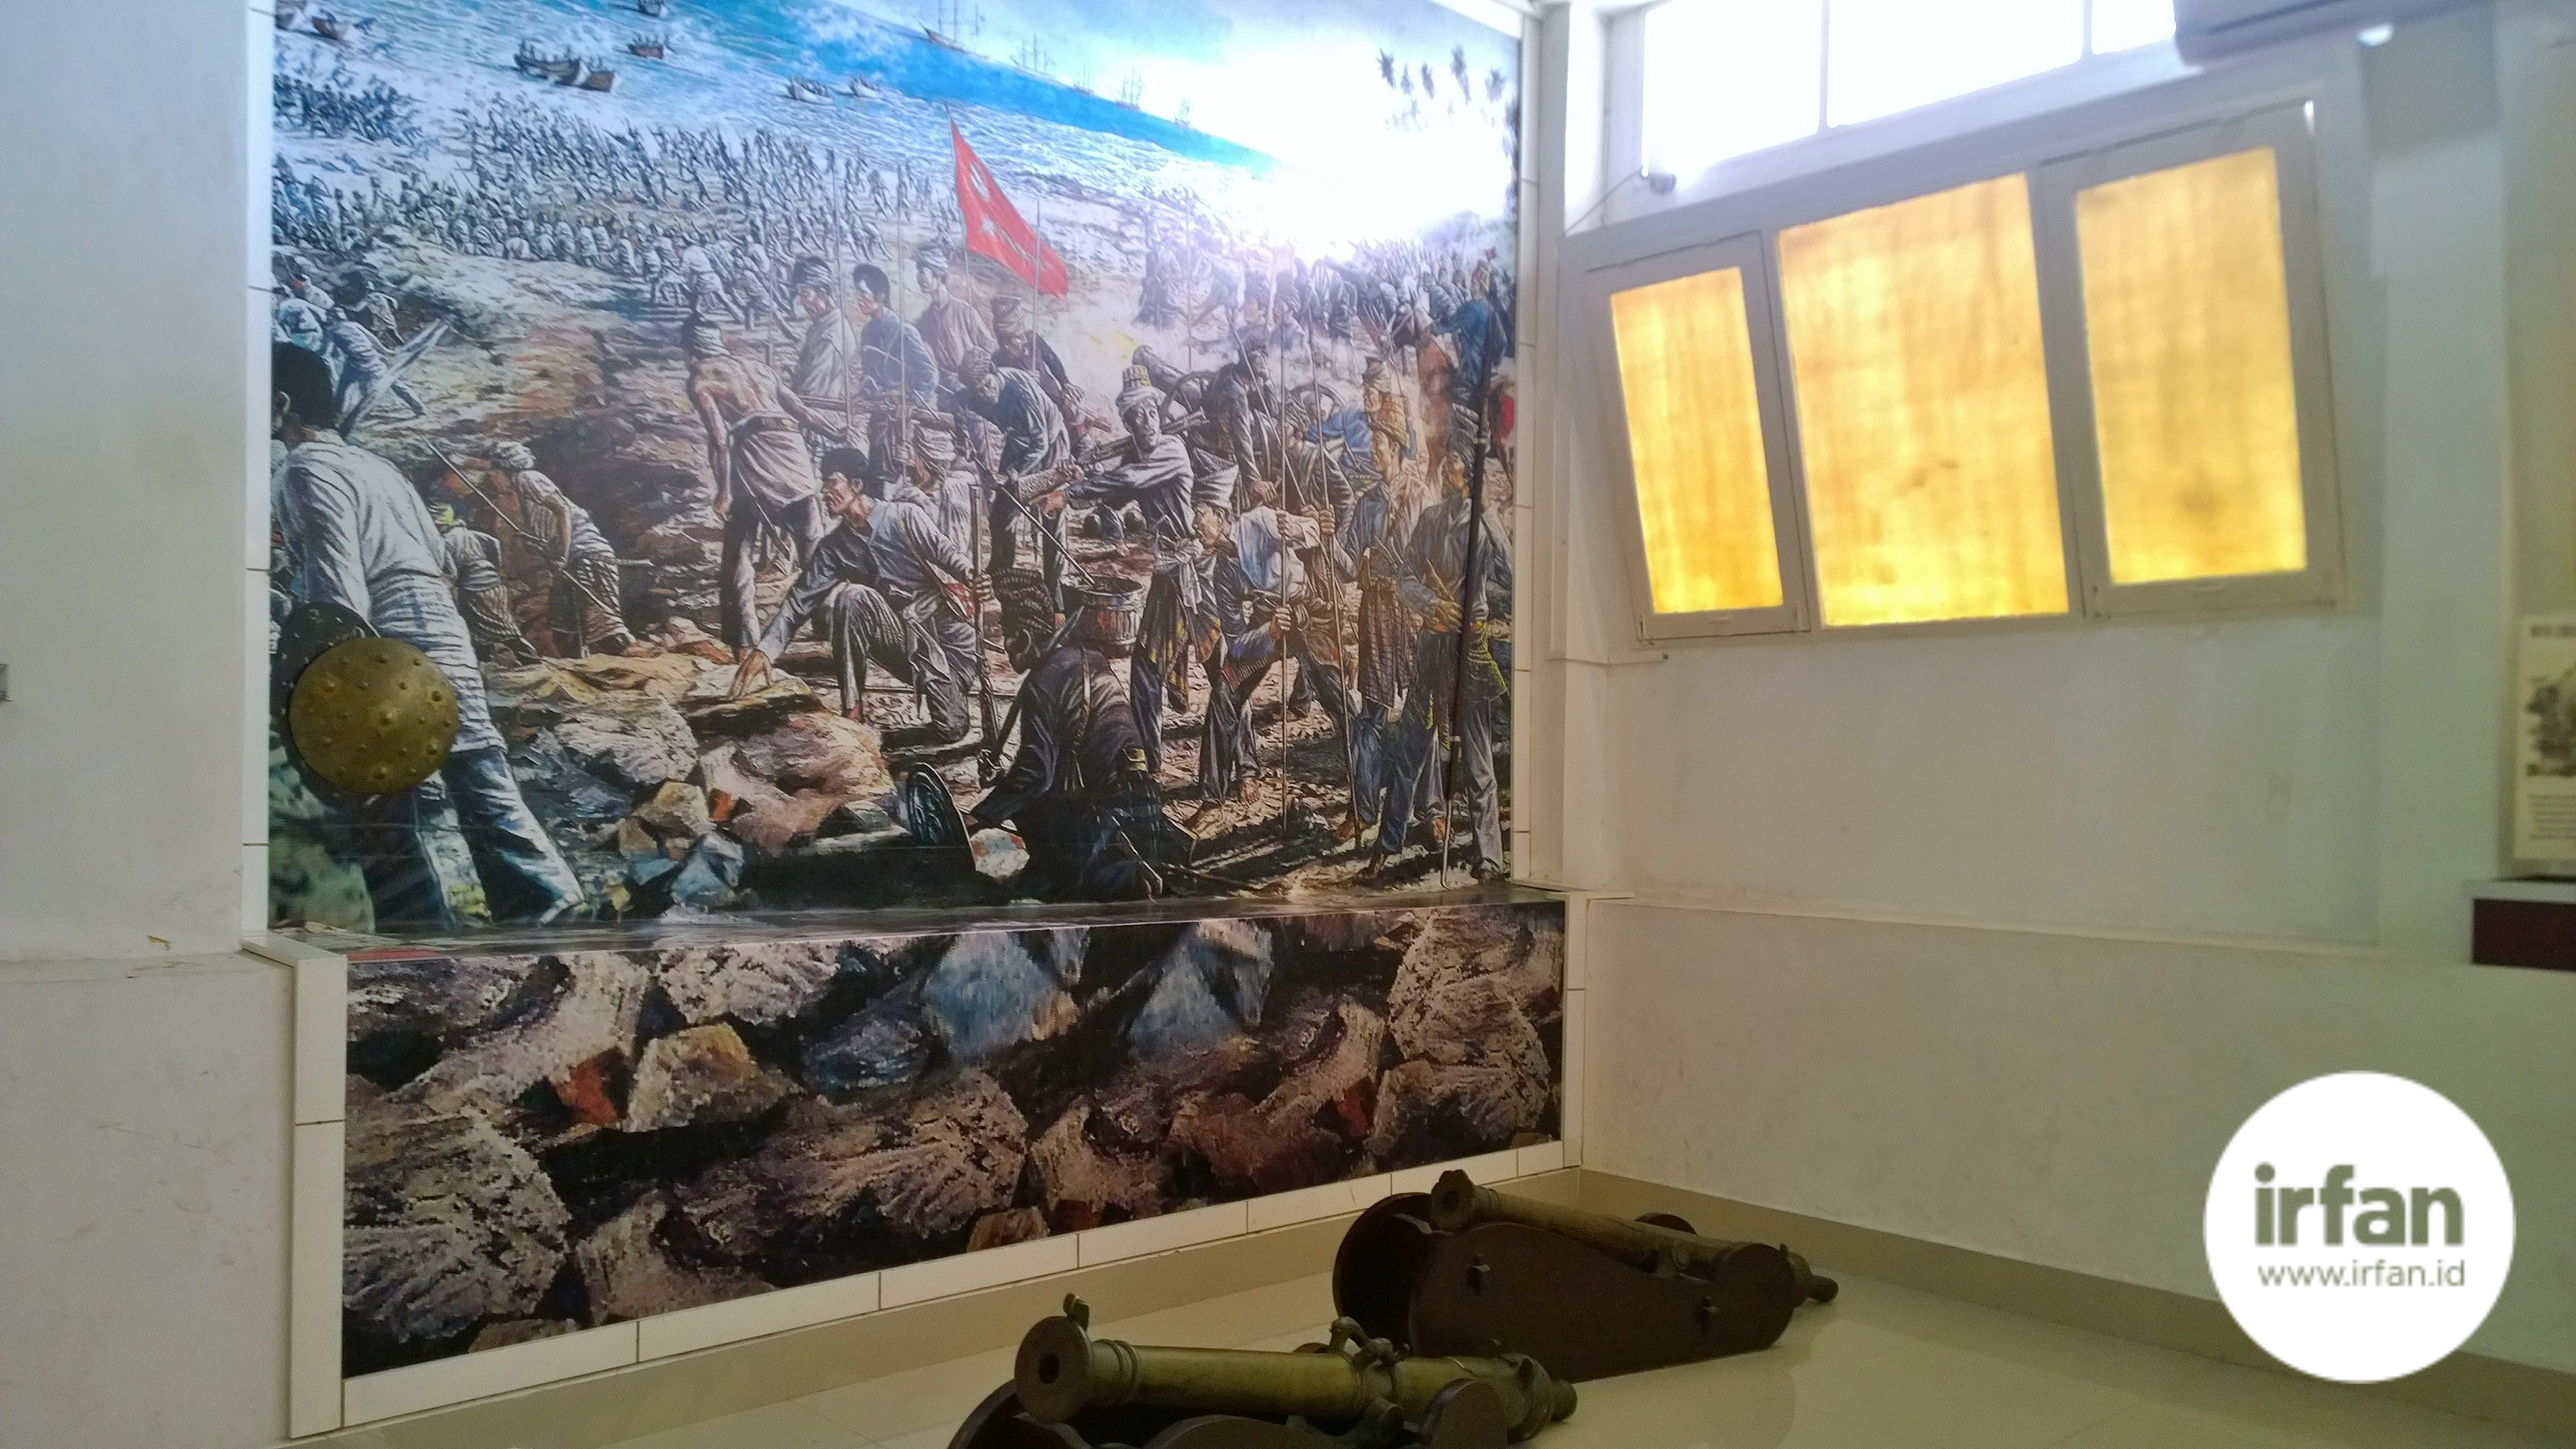 FOTO: Museum Negeri Aceh, Wisata Sejarah Yang Wajib Dikunjungi 13